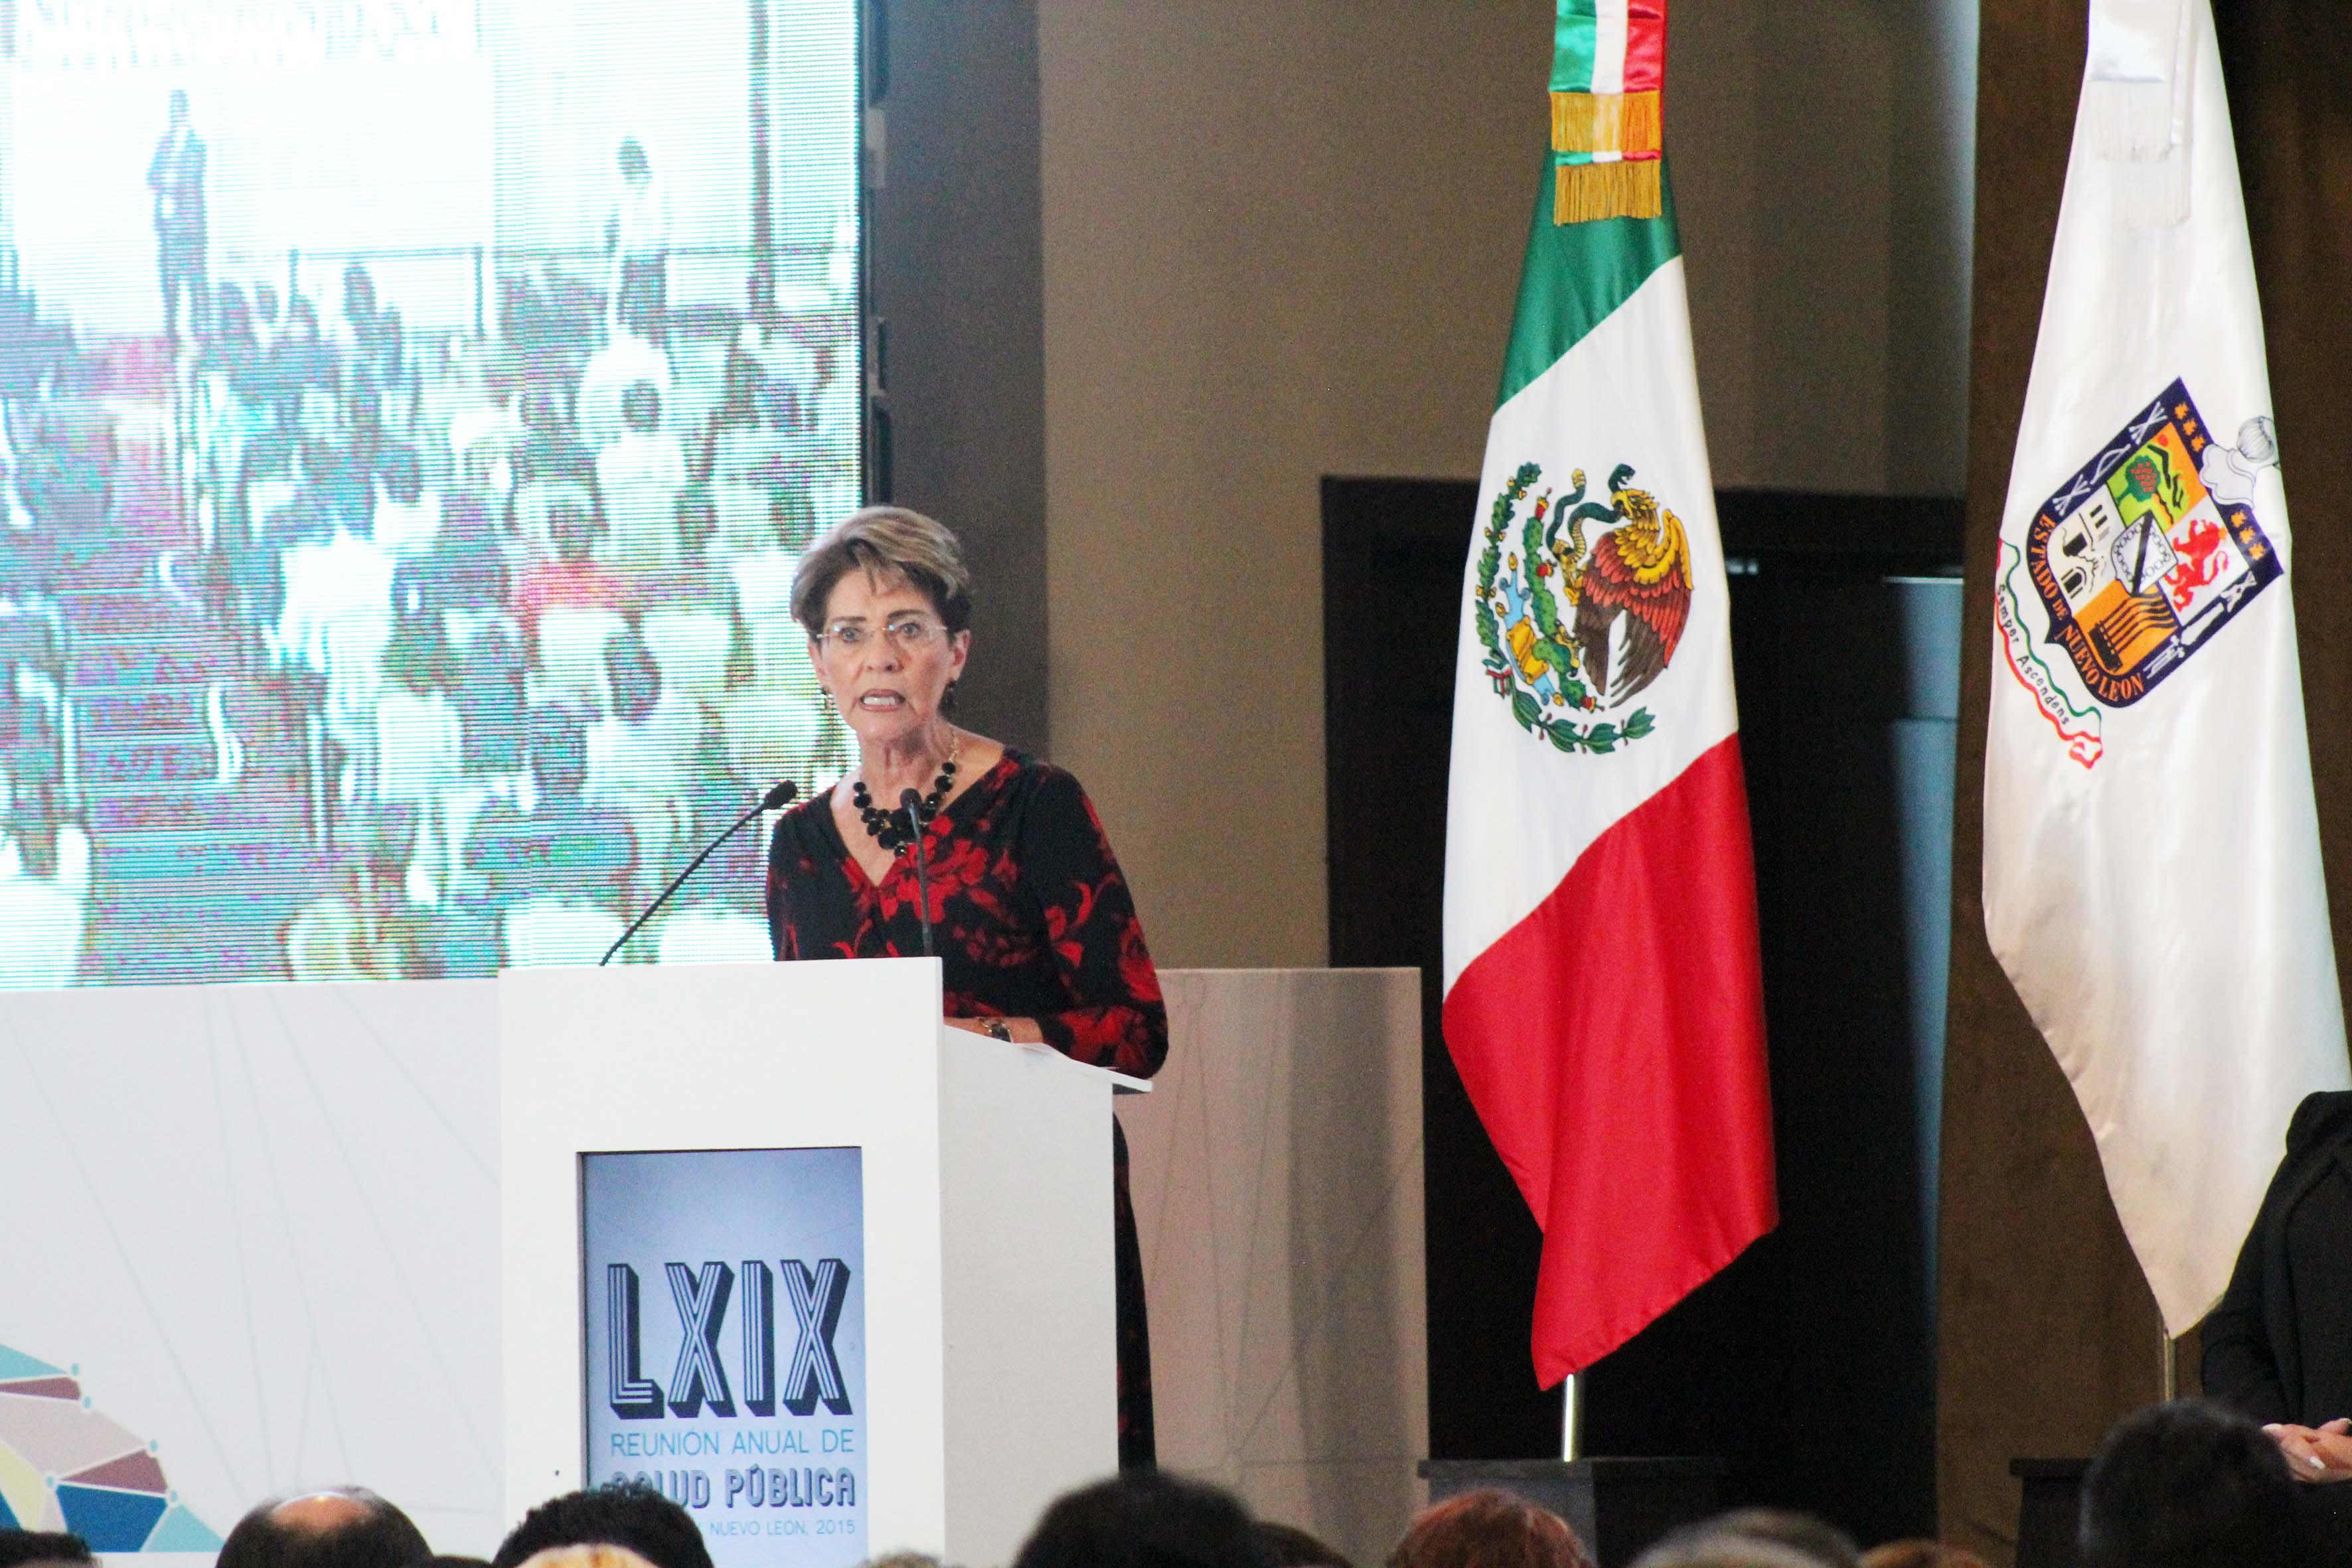 Inauguró junto con el gobernador de Nuevo León, Jaime Heliodoro Rodríguez, la LXIX Reunión Anual de Salud Pública.